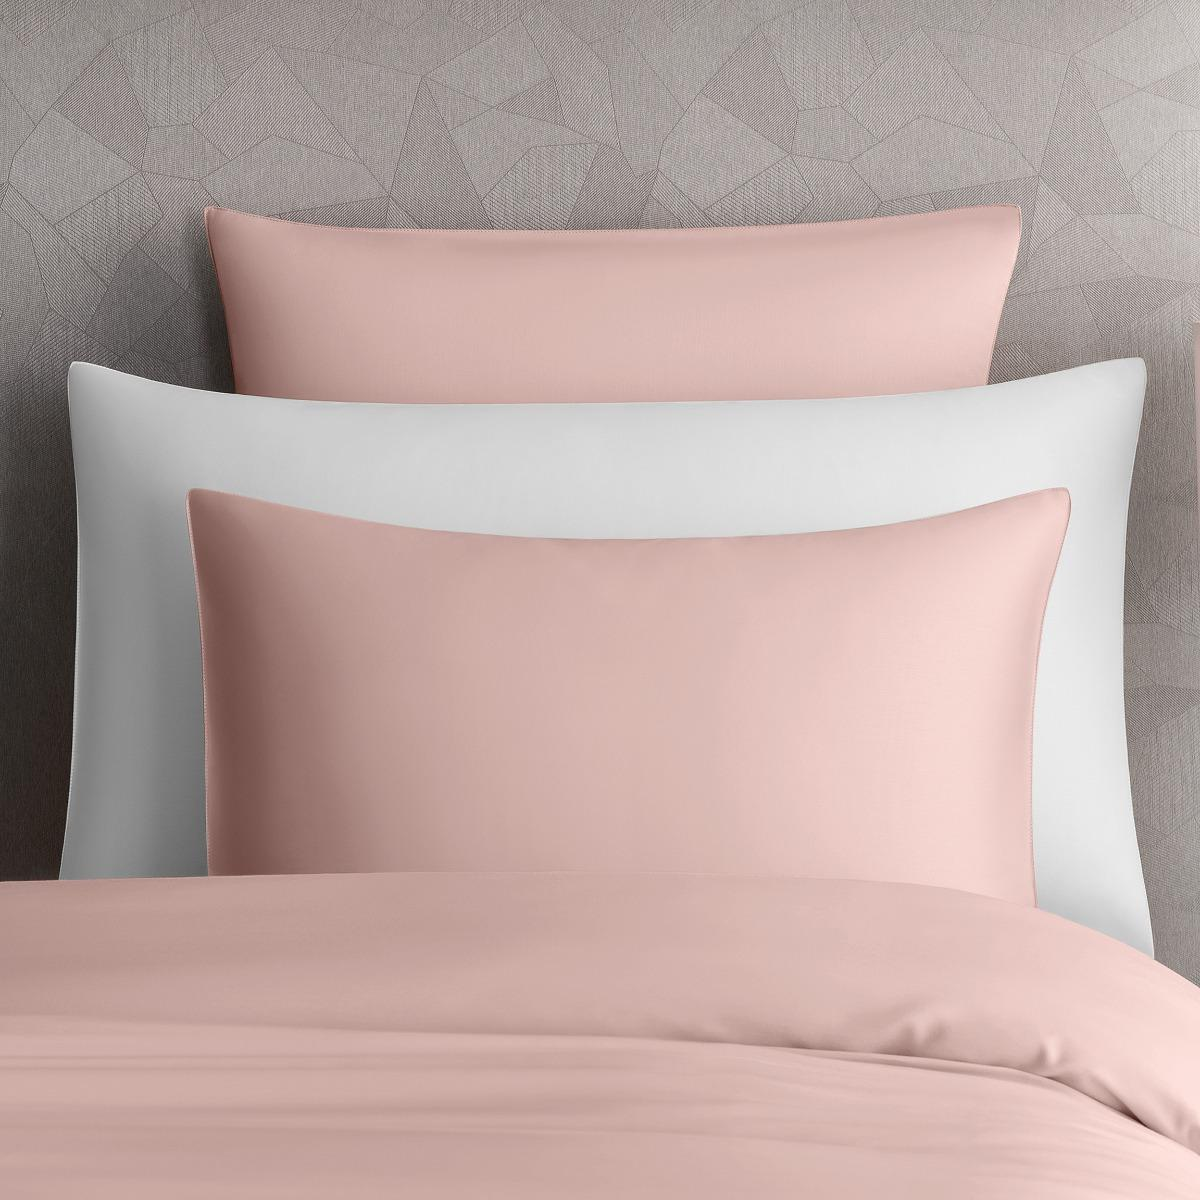 Комплект наволочек Togas Авари розовых 70х70 см